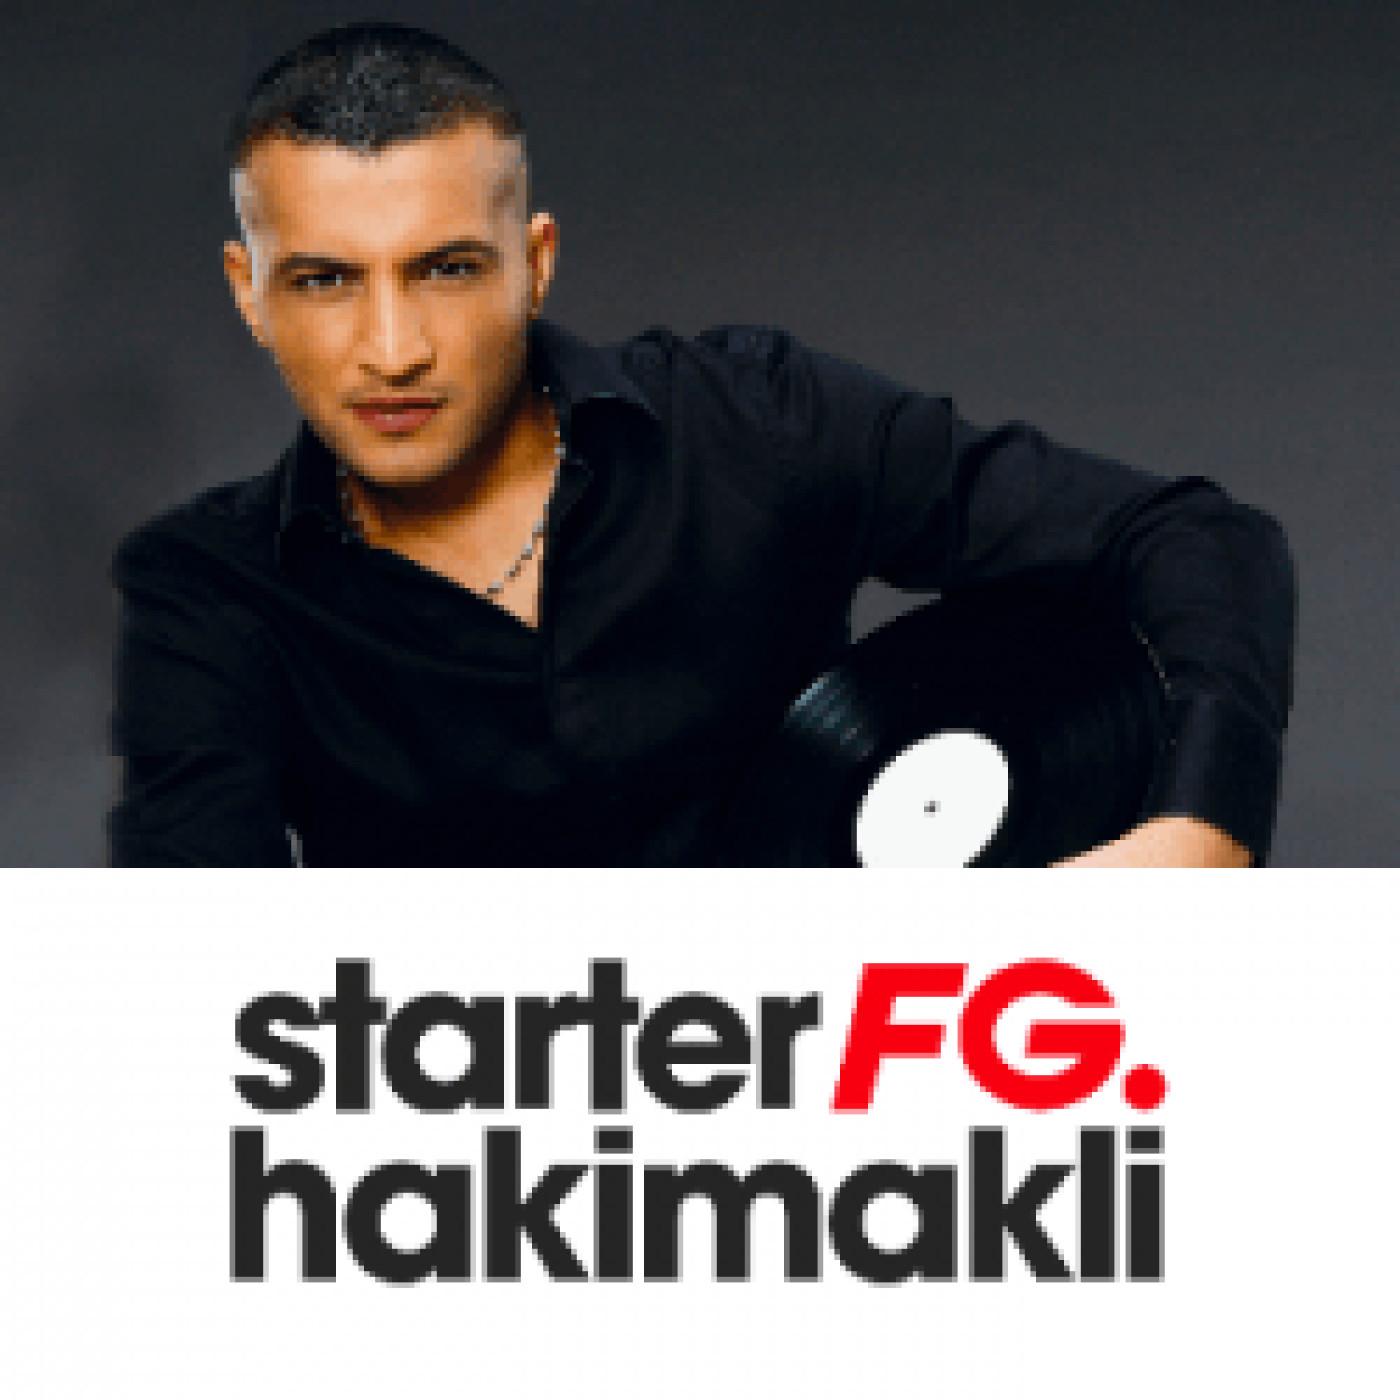 STARTER FG BY HAKIMAKLI LUNDI 16 NOVEMBRE 2020